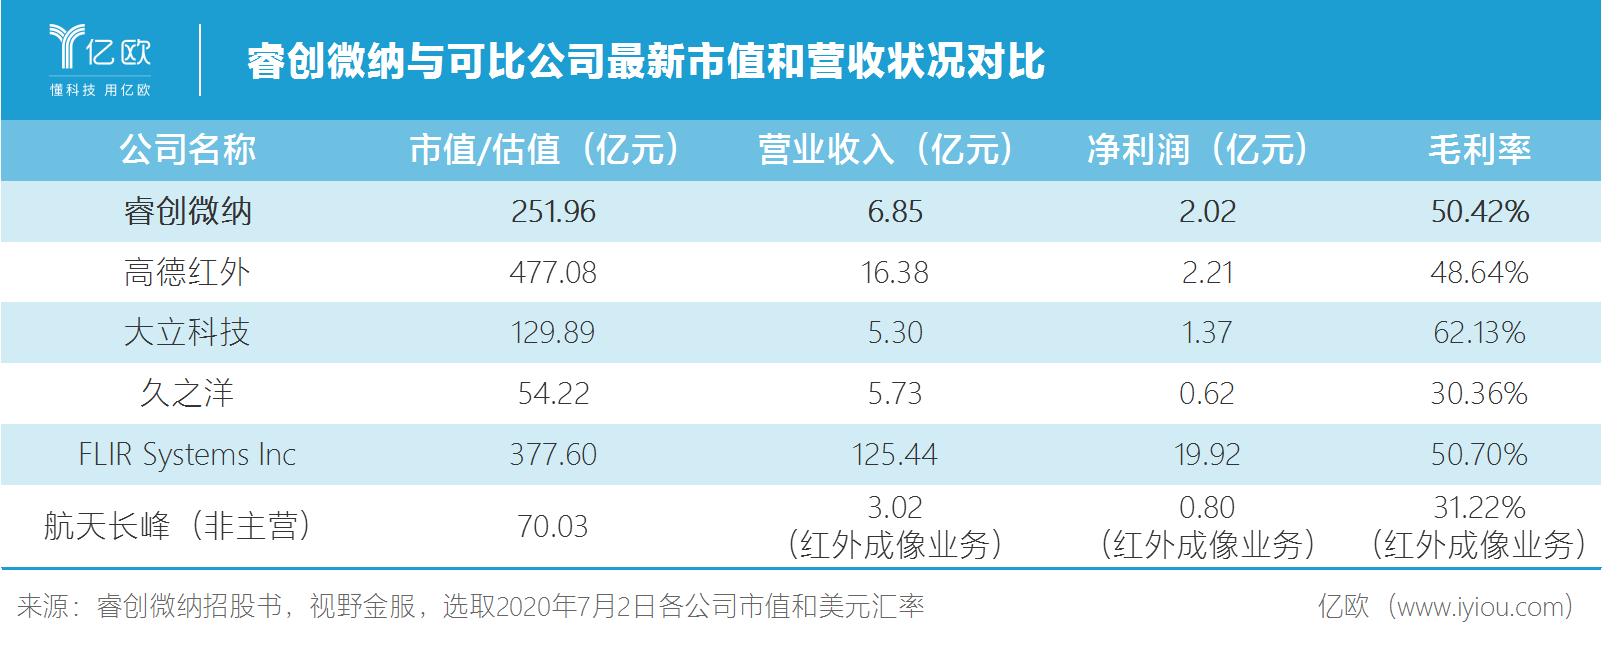 睿创微纳与可比公司最新市值和营收状况对比.png